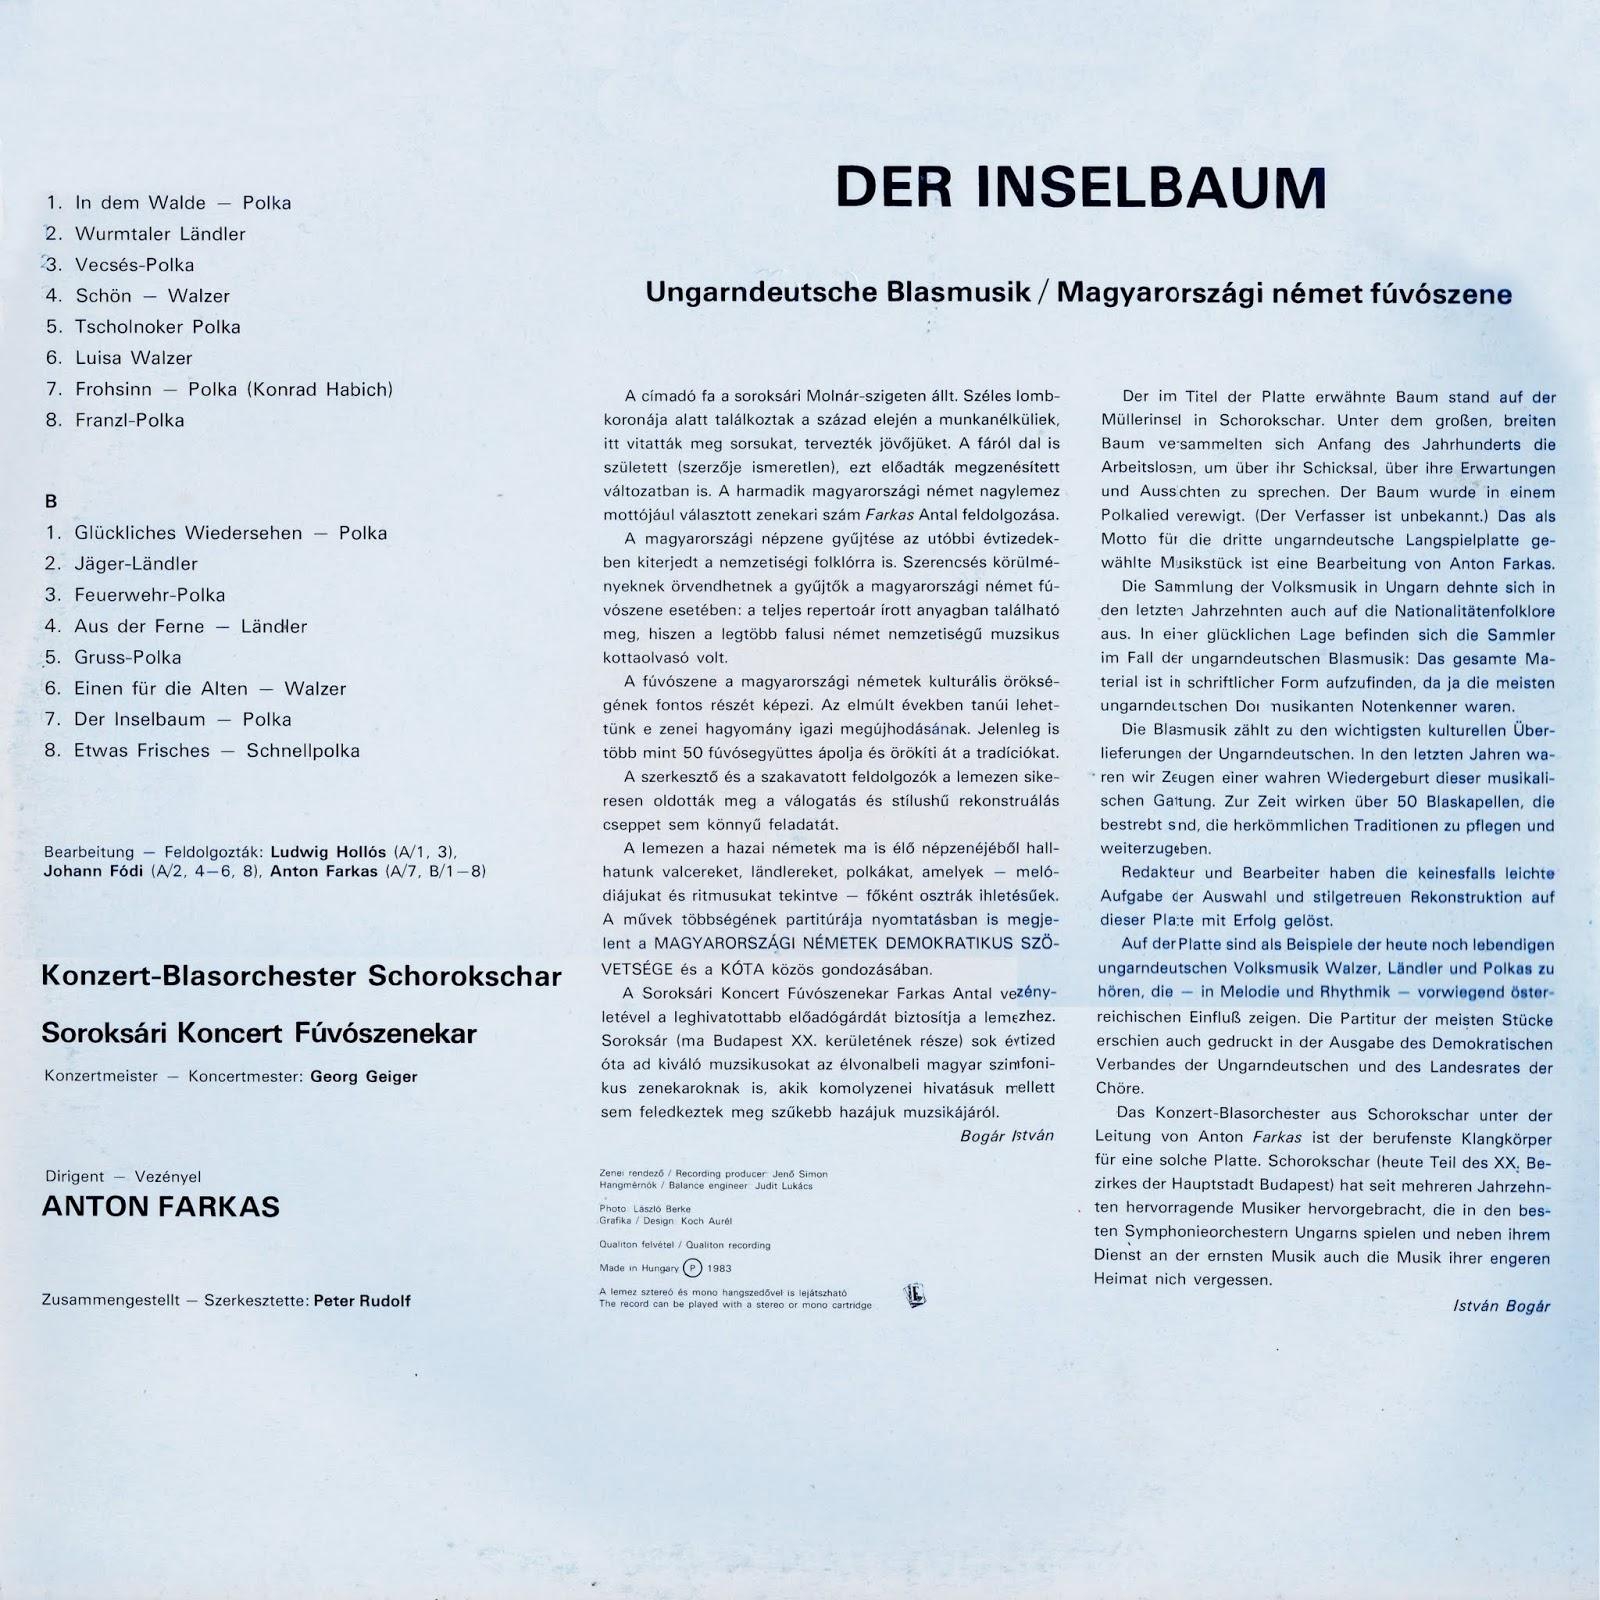 Audio Design Studio - Audio design document